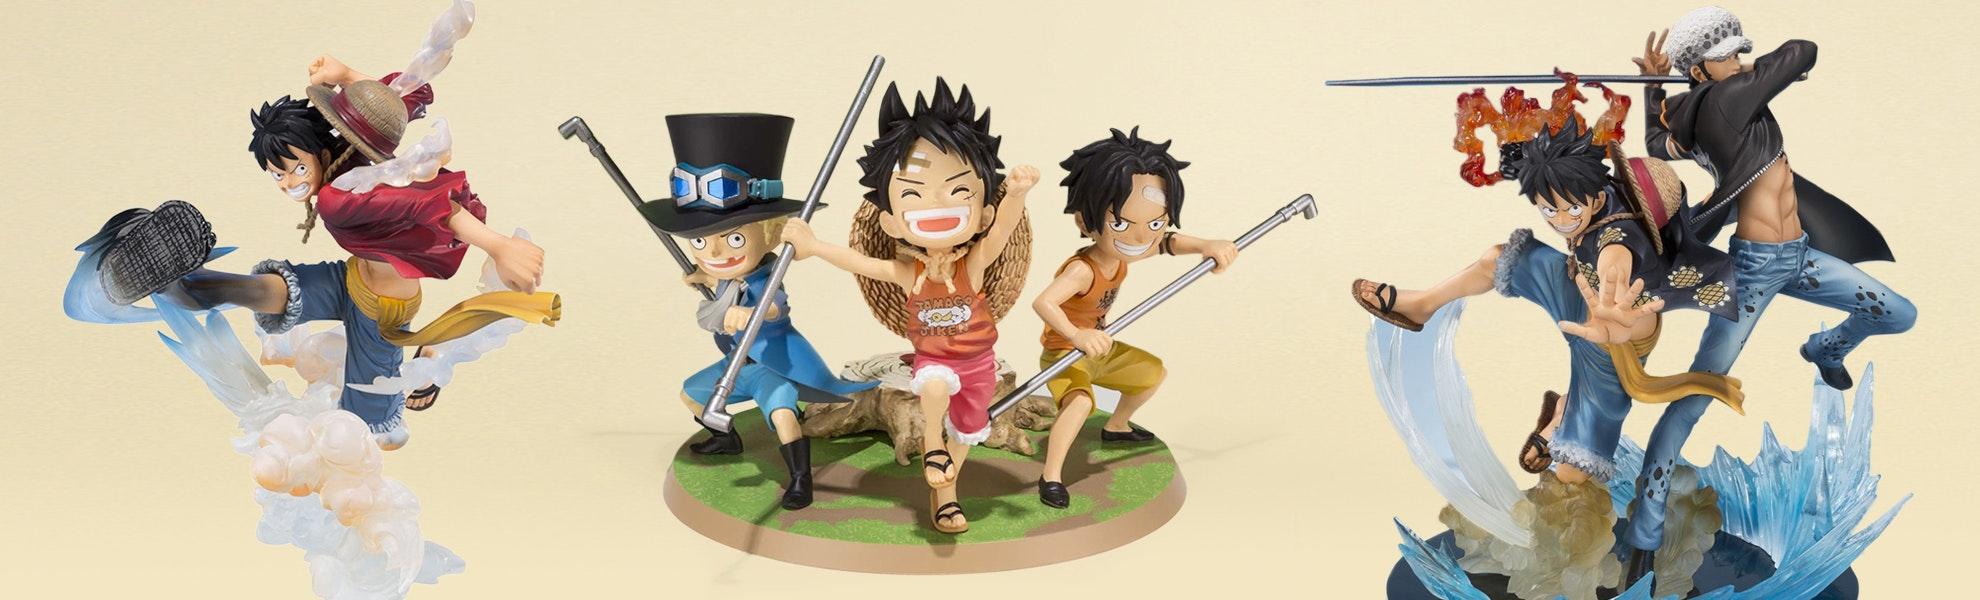 FiguartsZERO: One Piece